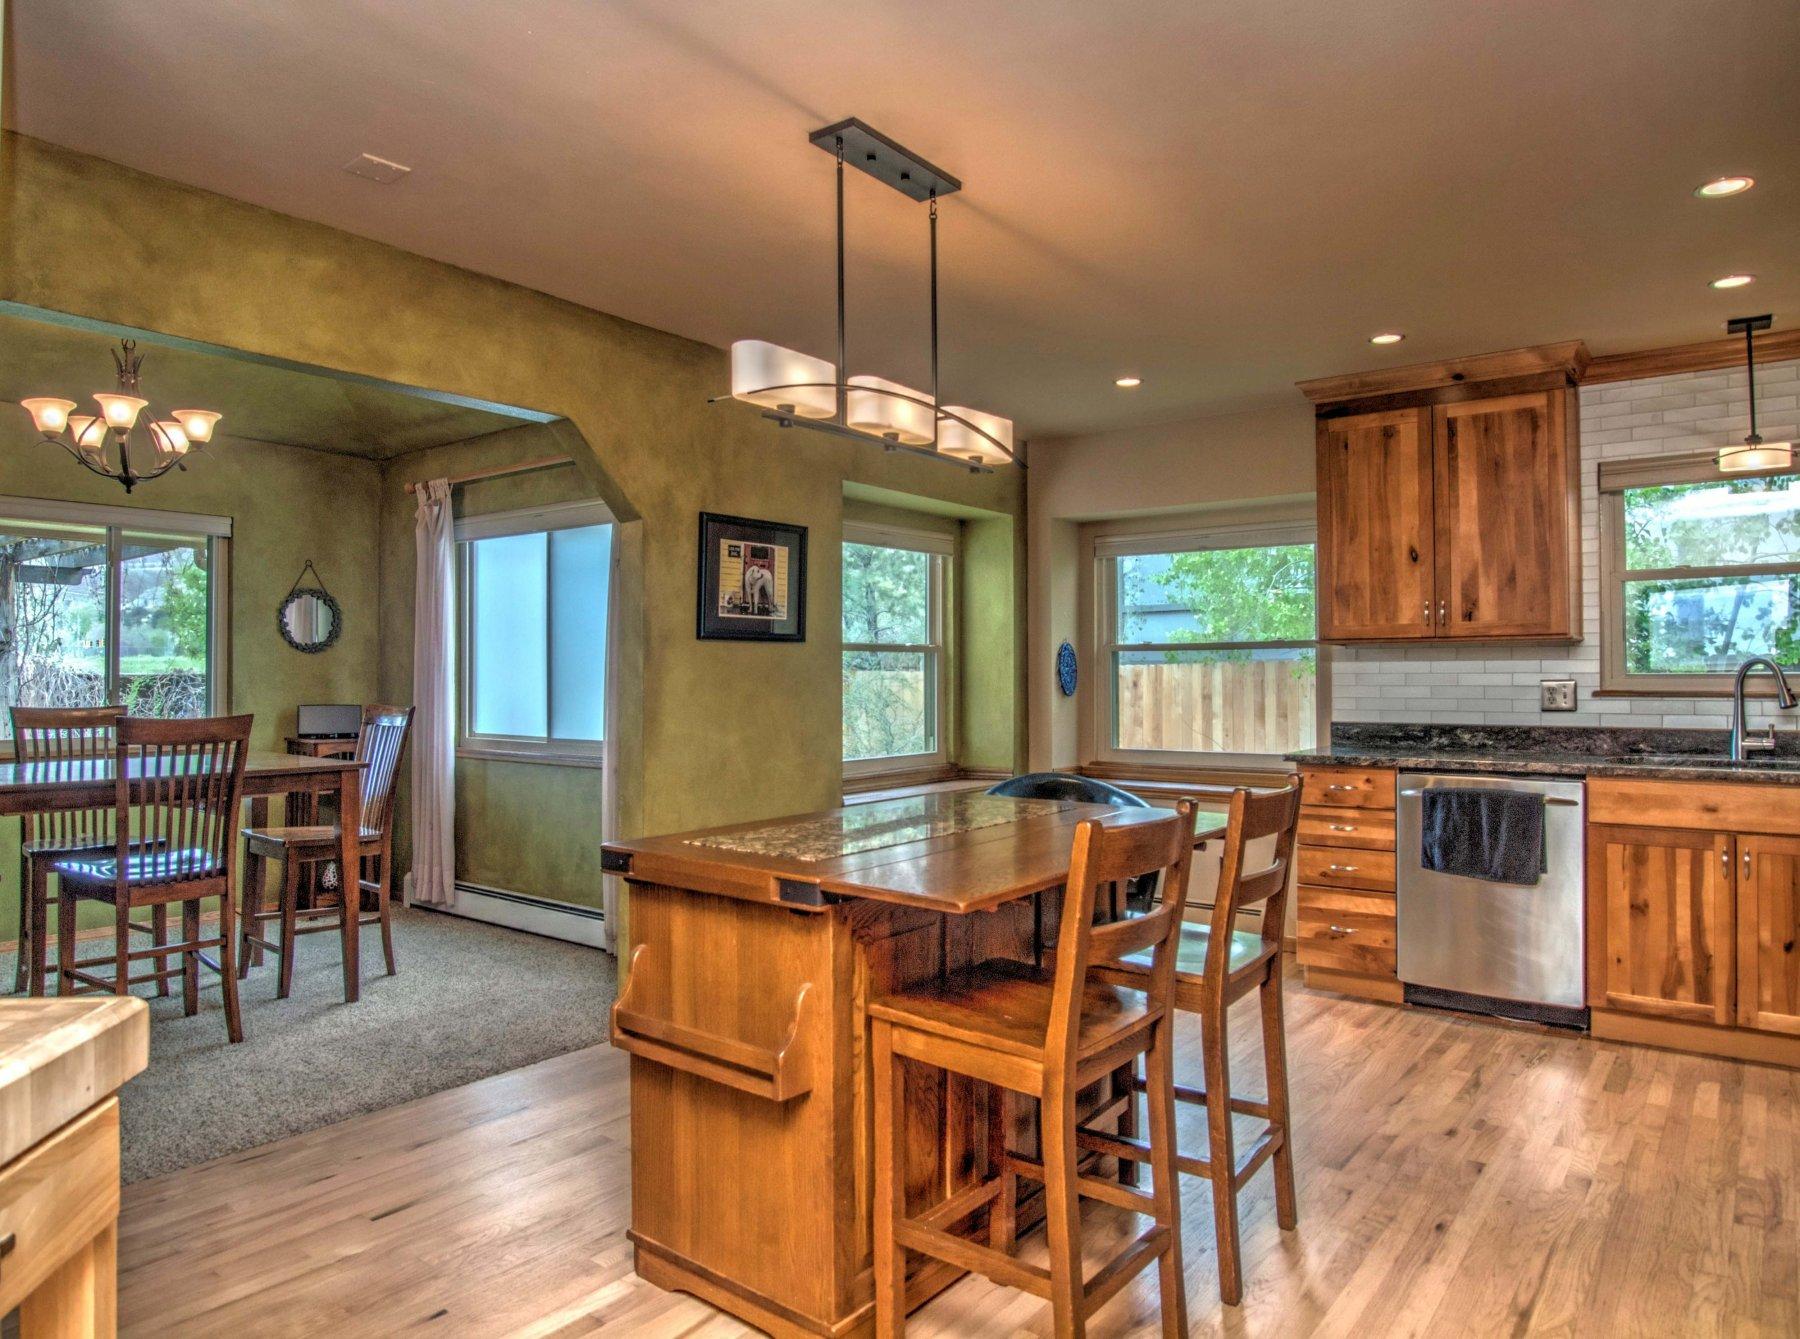 14-312-Kitchen3.jpg